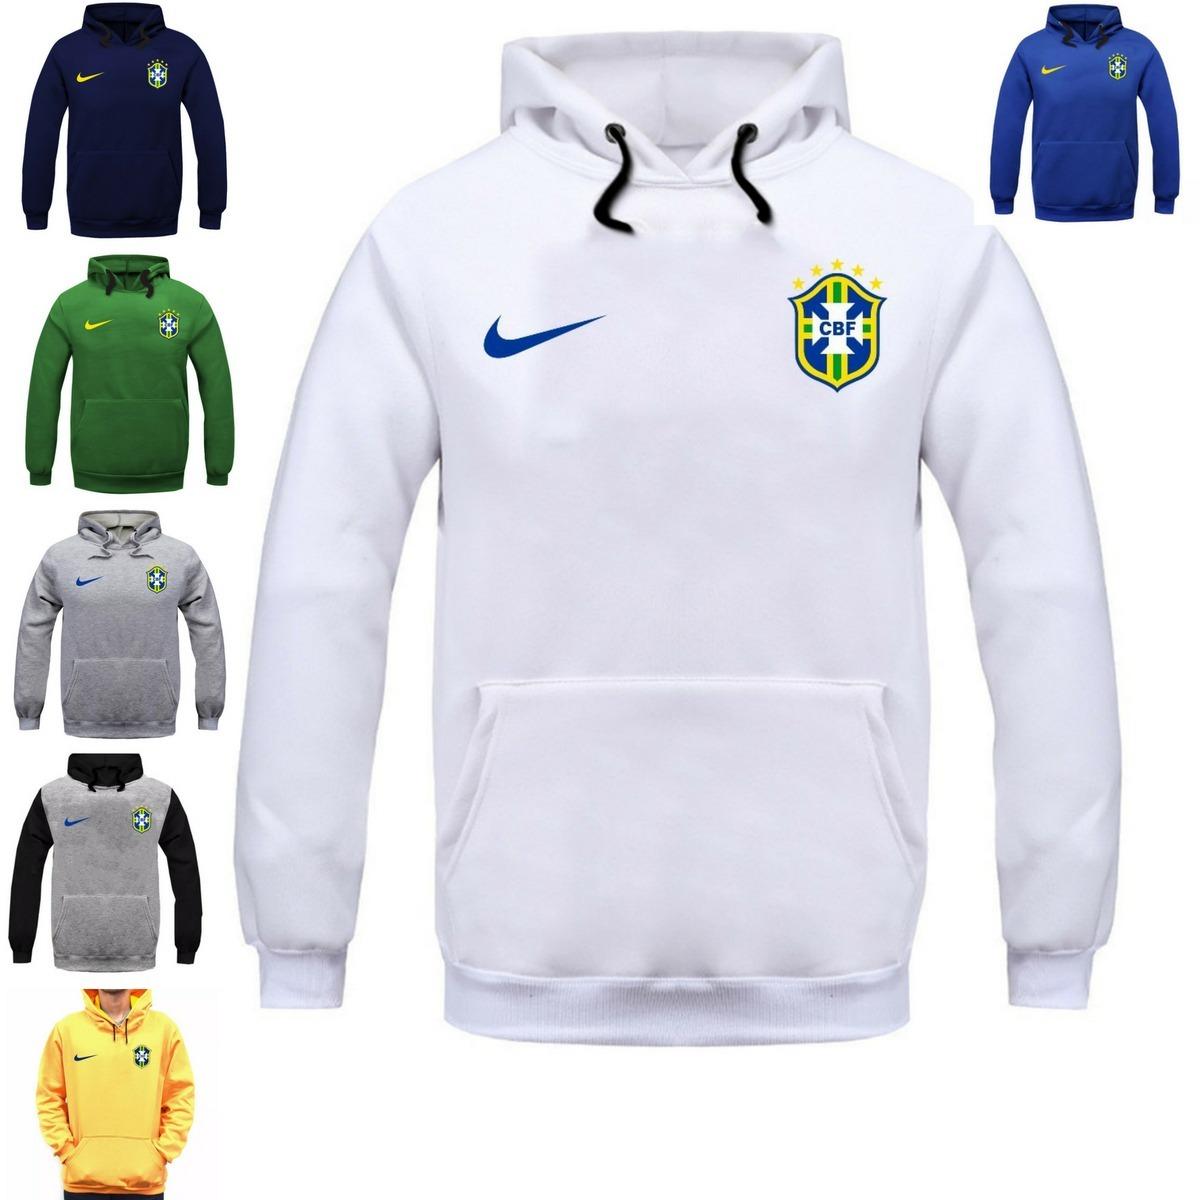 39b3140652 moletom copa brasil seleção brasileira promoção. Carregando zoom.